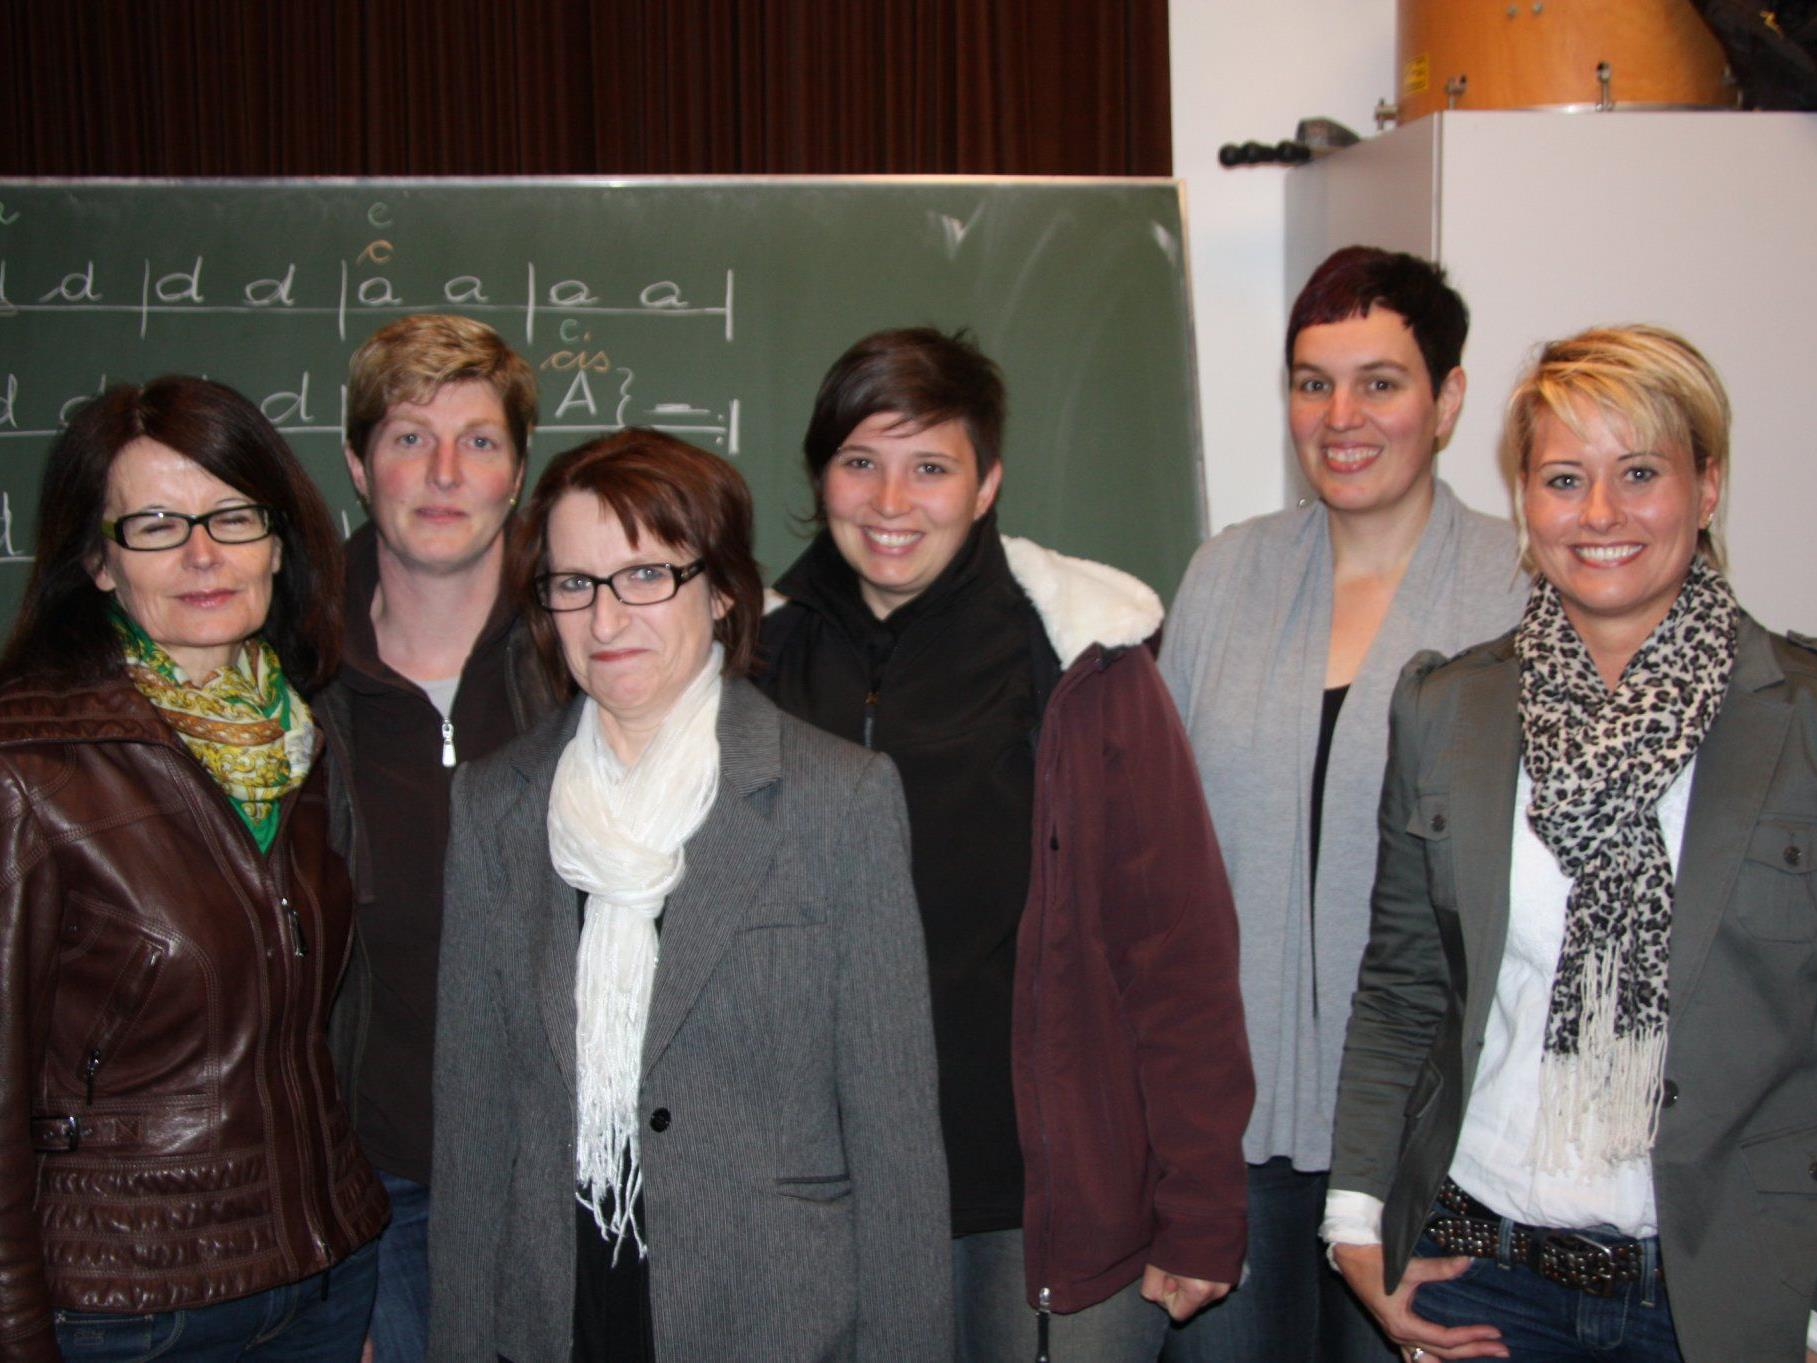 Schulreferentin Evi Mair überbrachte dem neuen Vorstand des Elternvereins die Glückwünsche der Gemeinde.